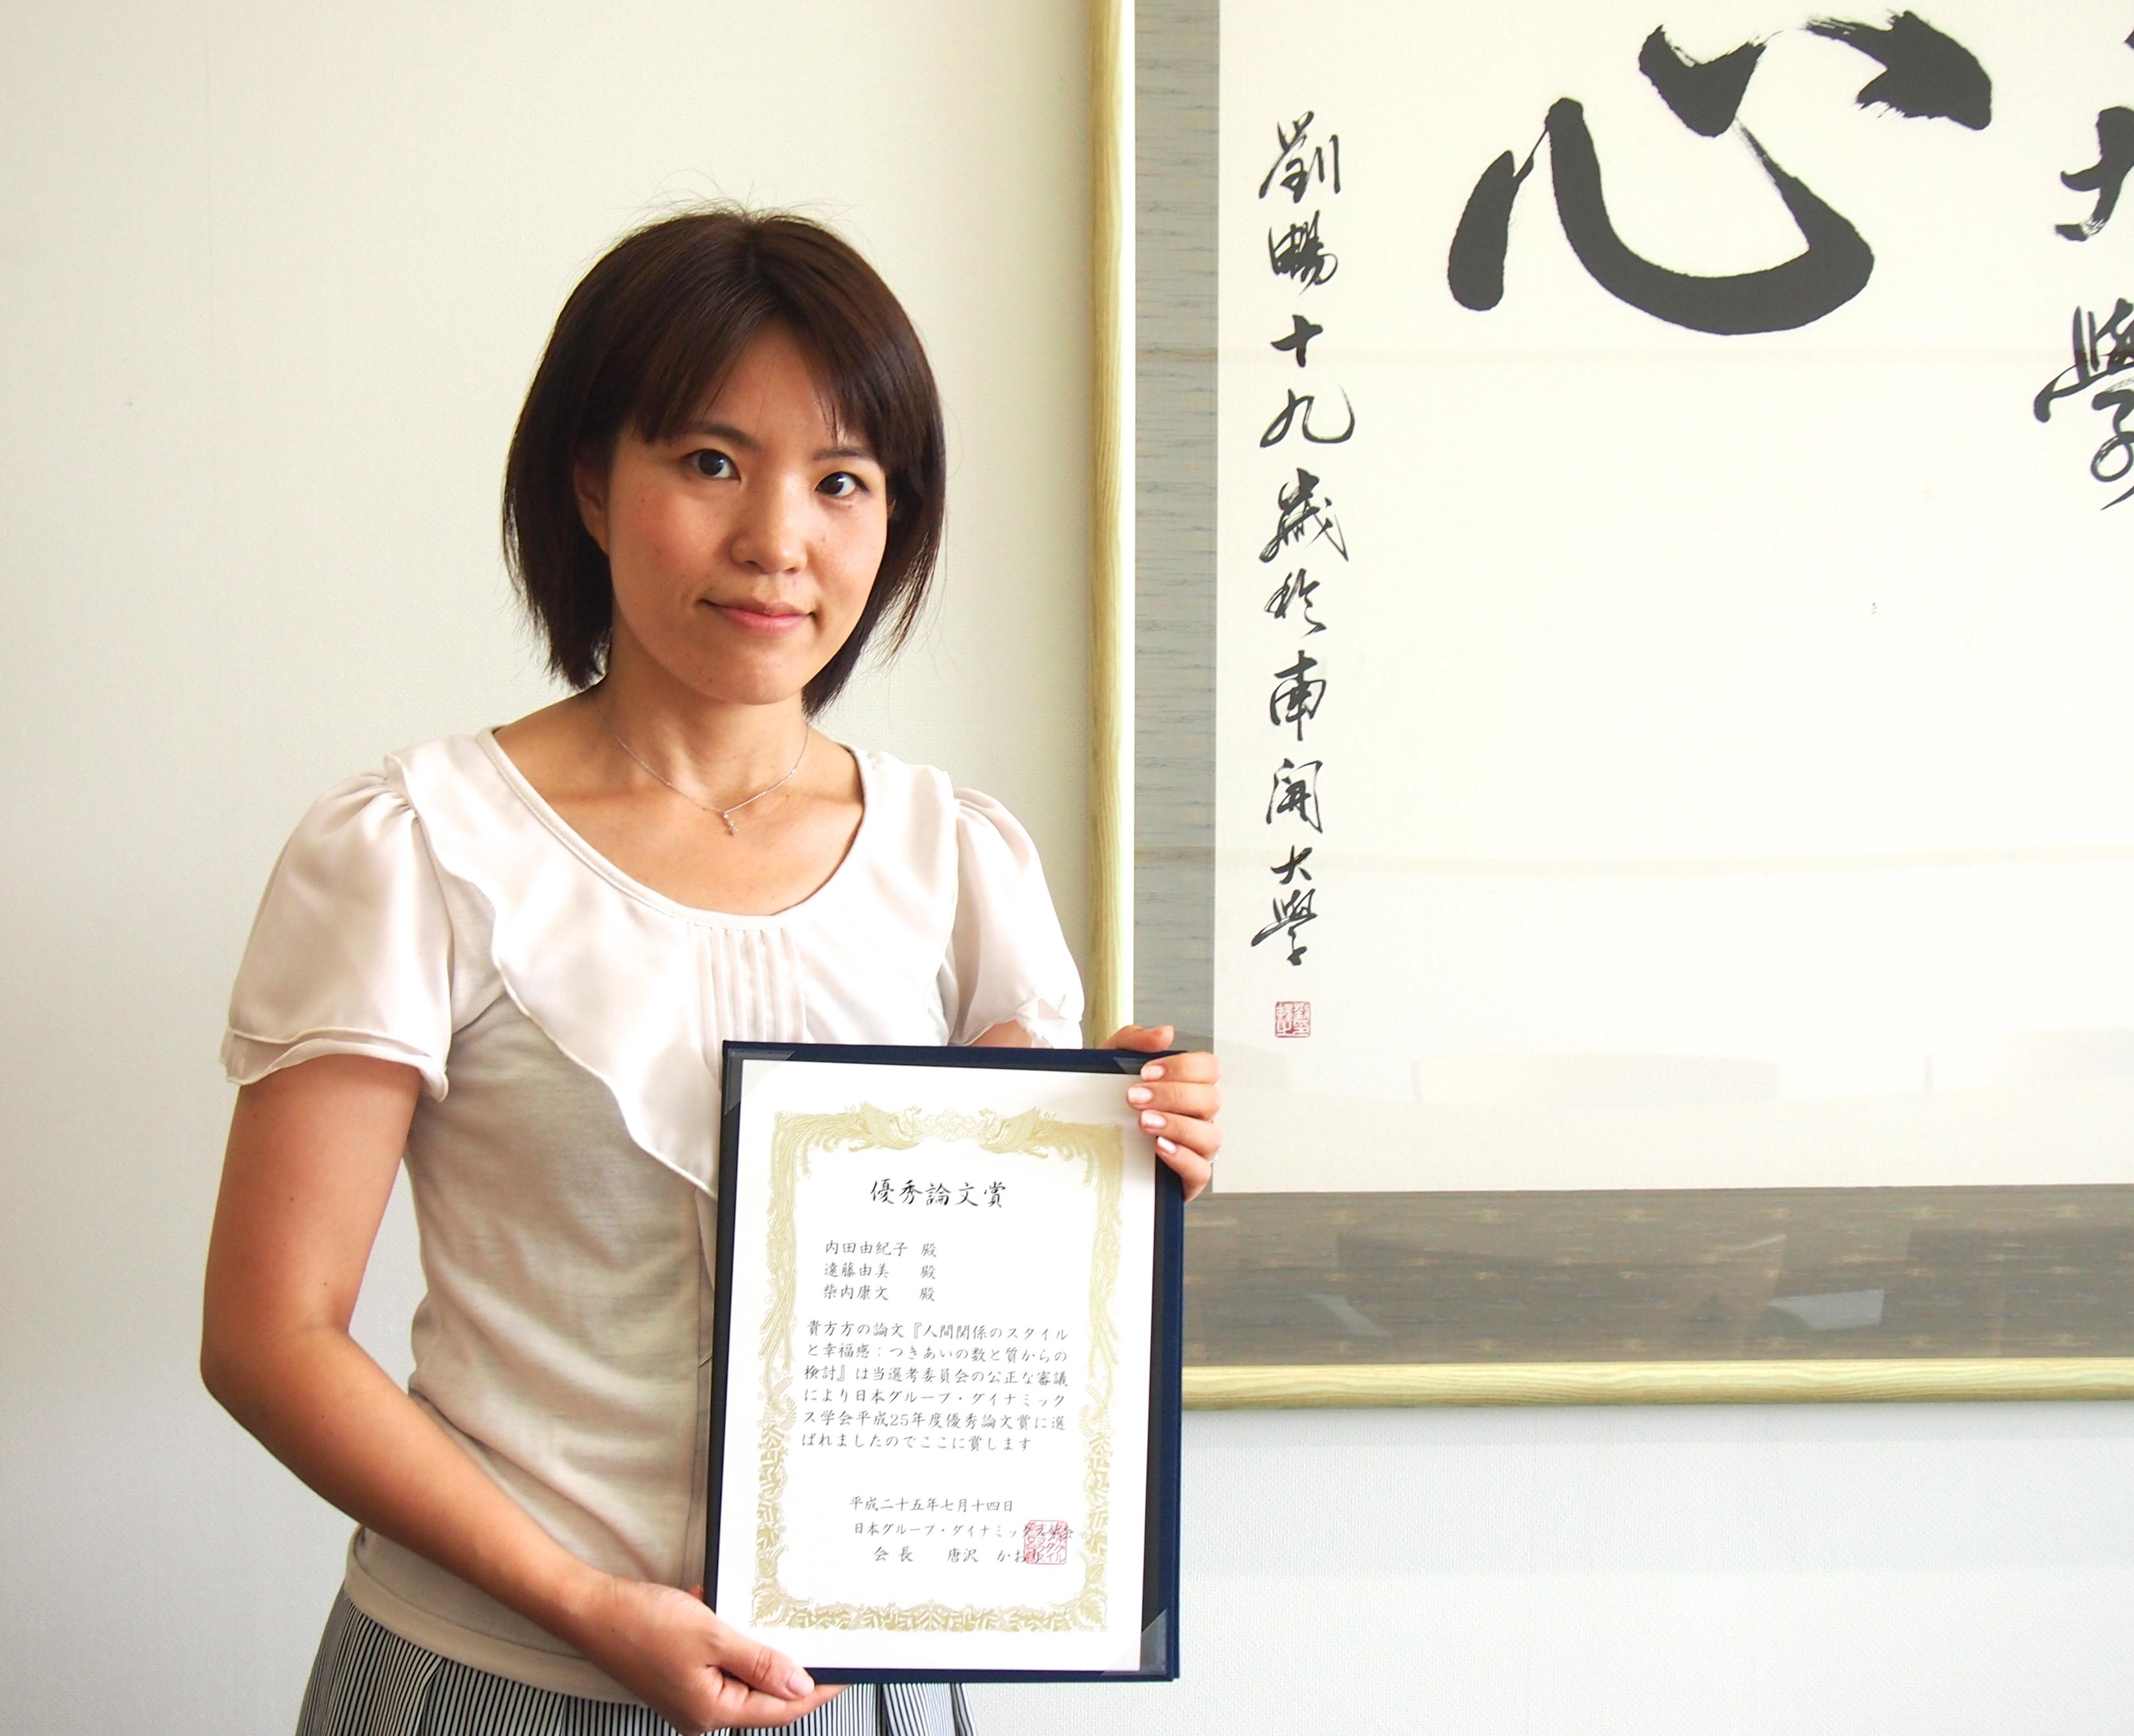 内田准教授が「日本グループ・ダイナミックス学会2013年度優秀論文賞」を受賞しました